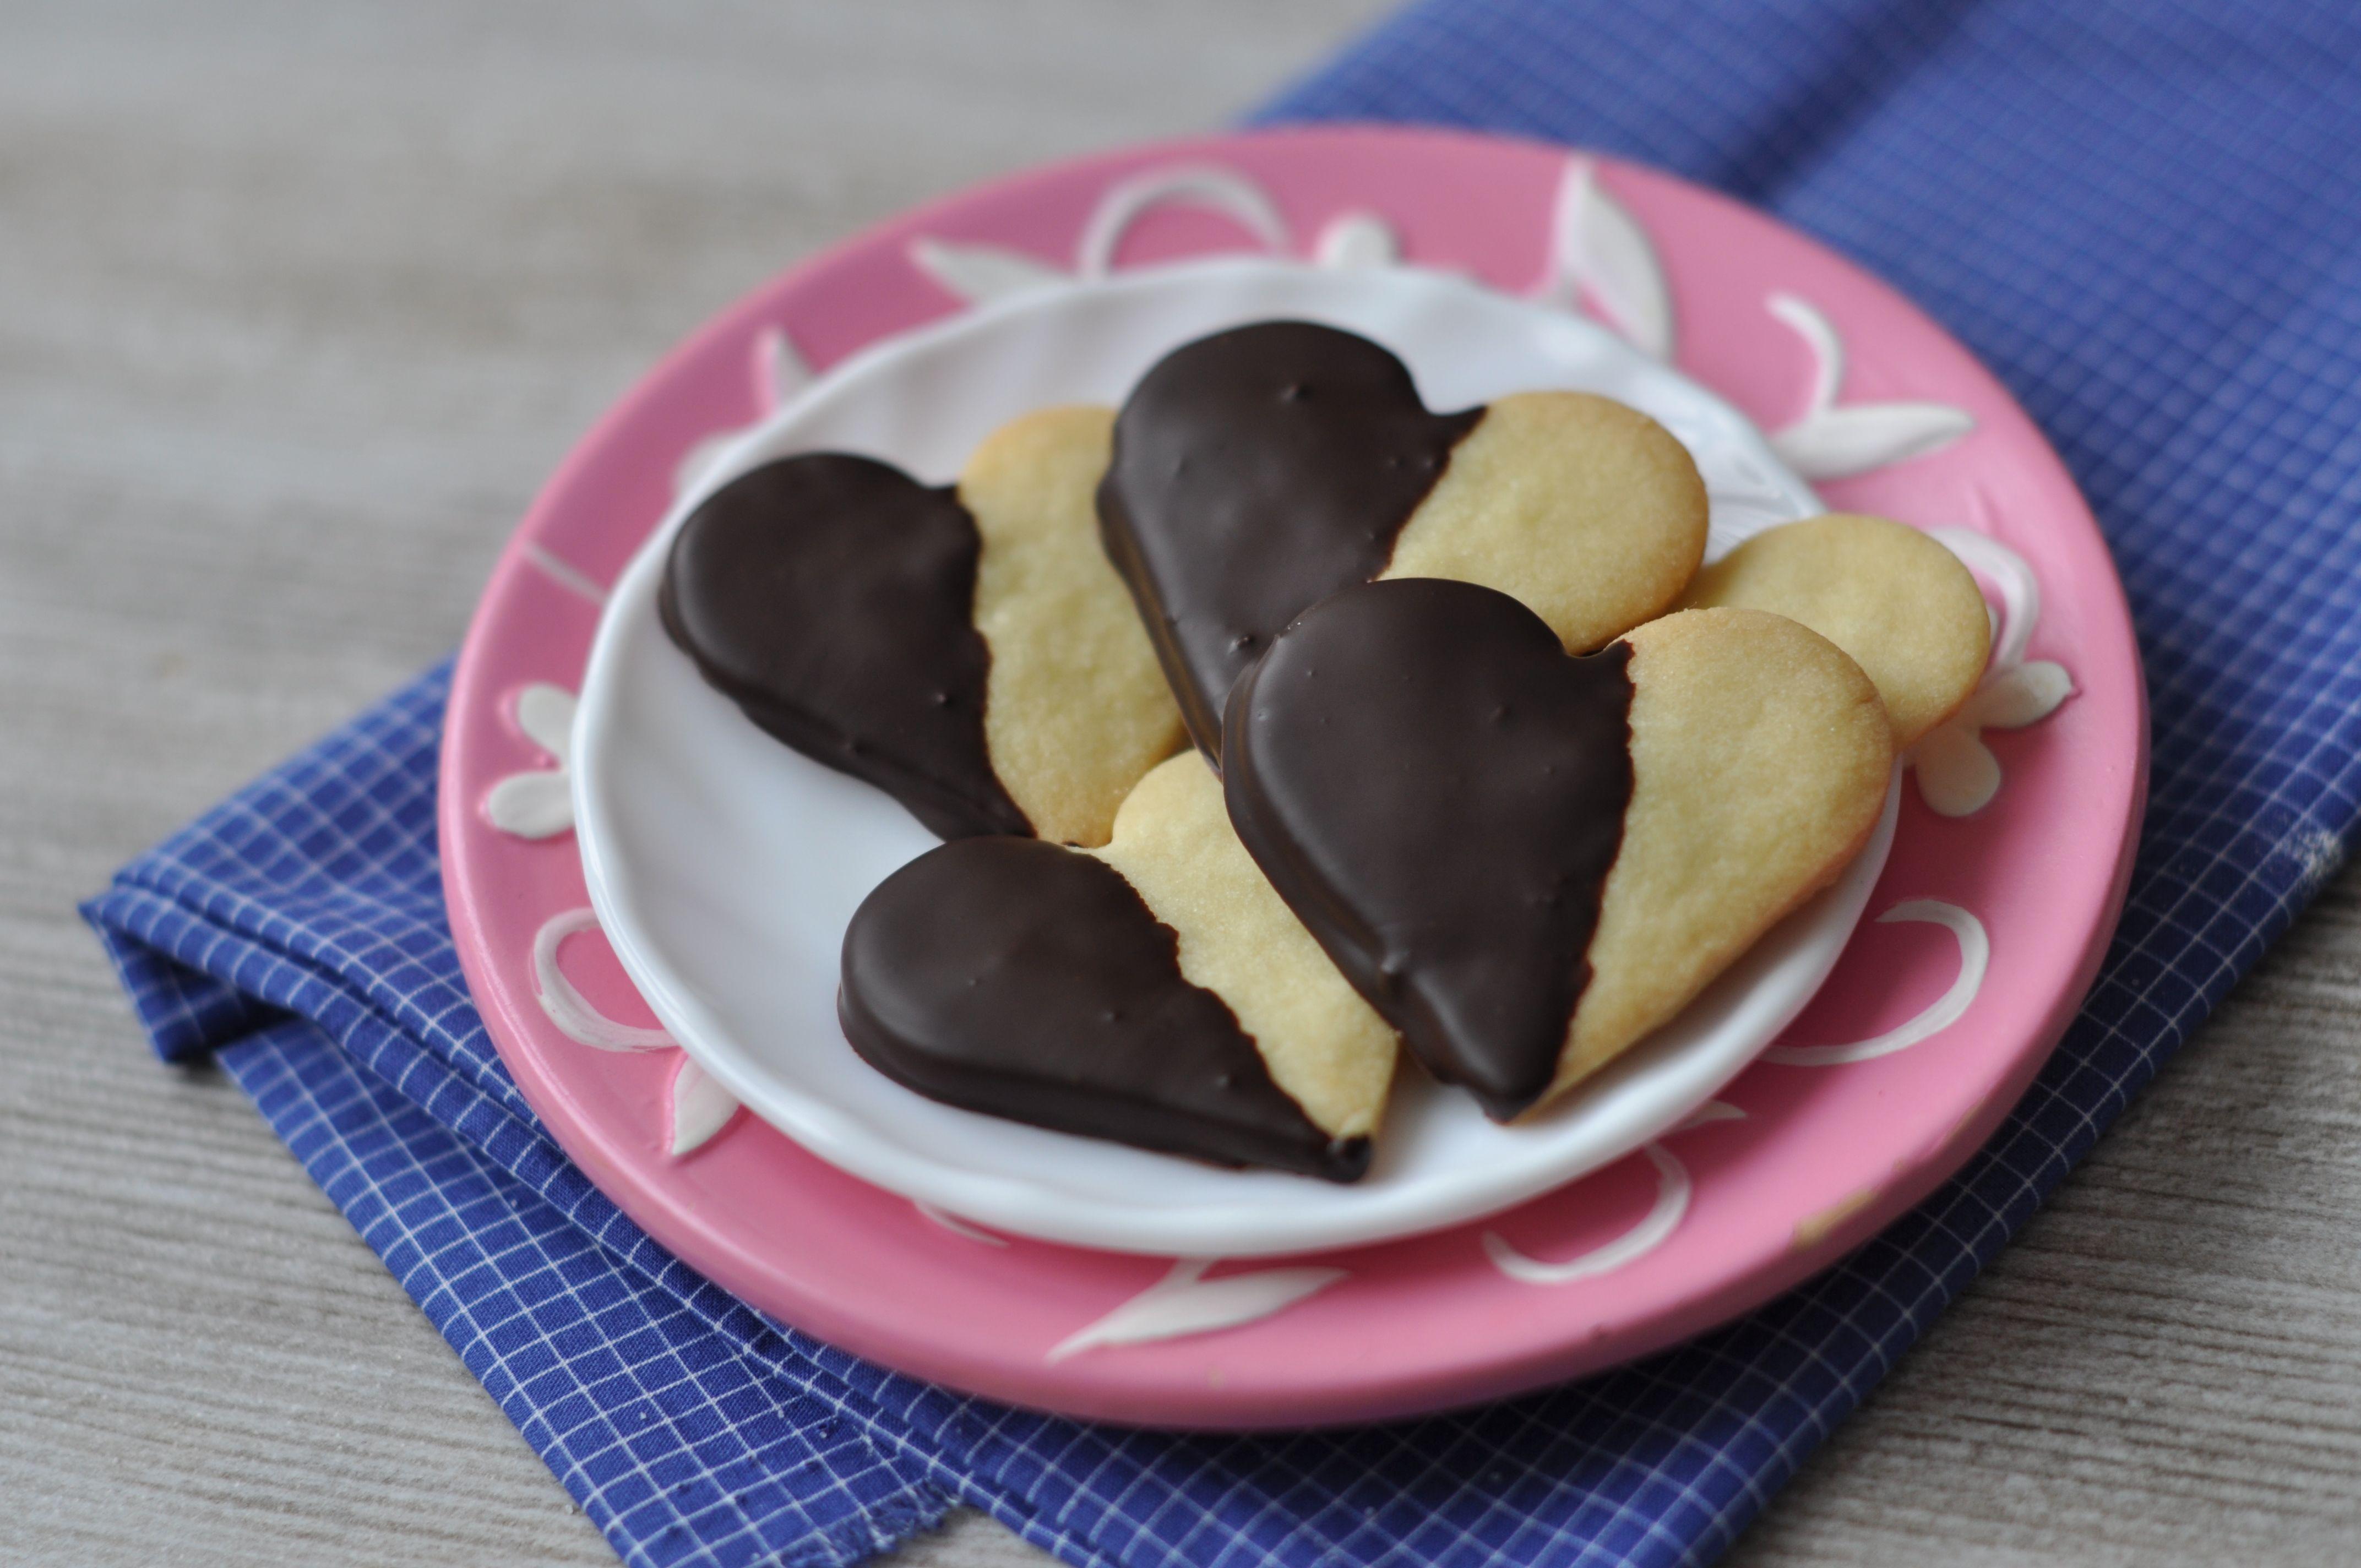 csokis keksz recept omlos teszta sutemeny recept